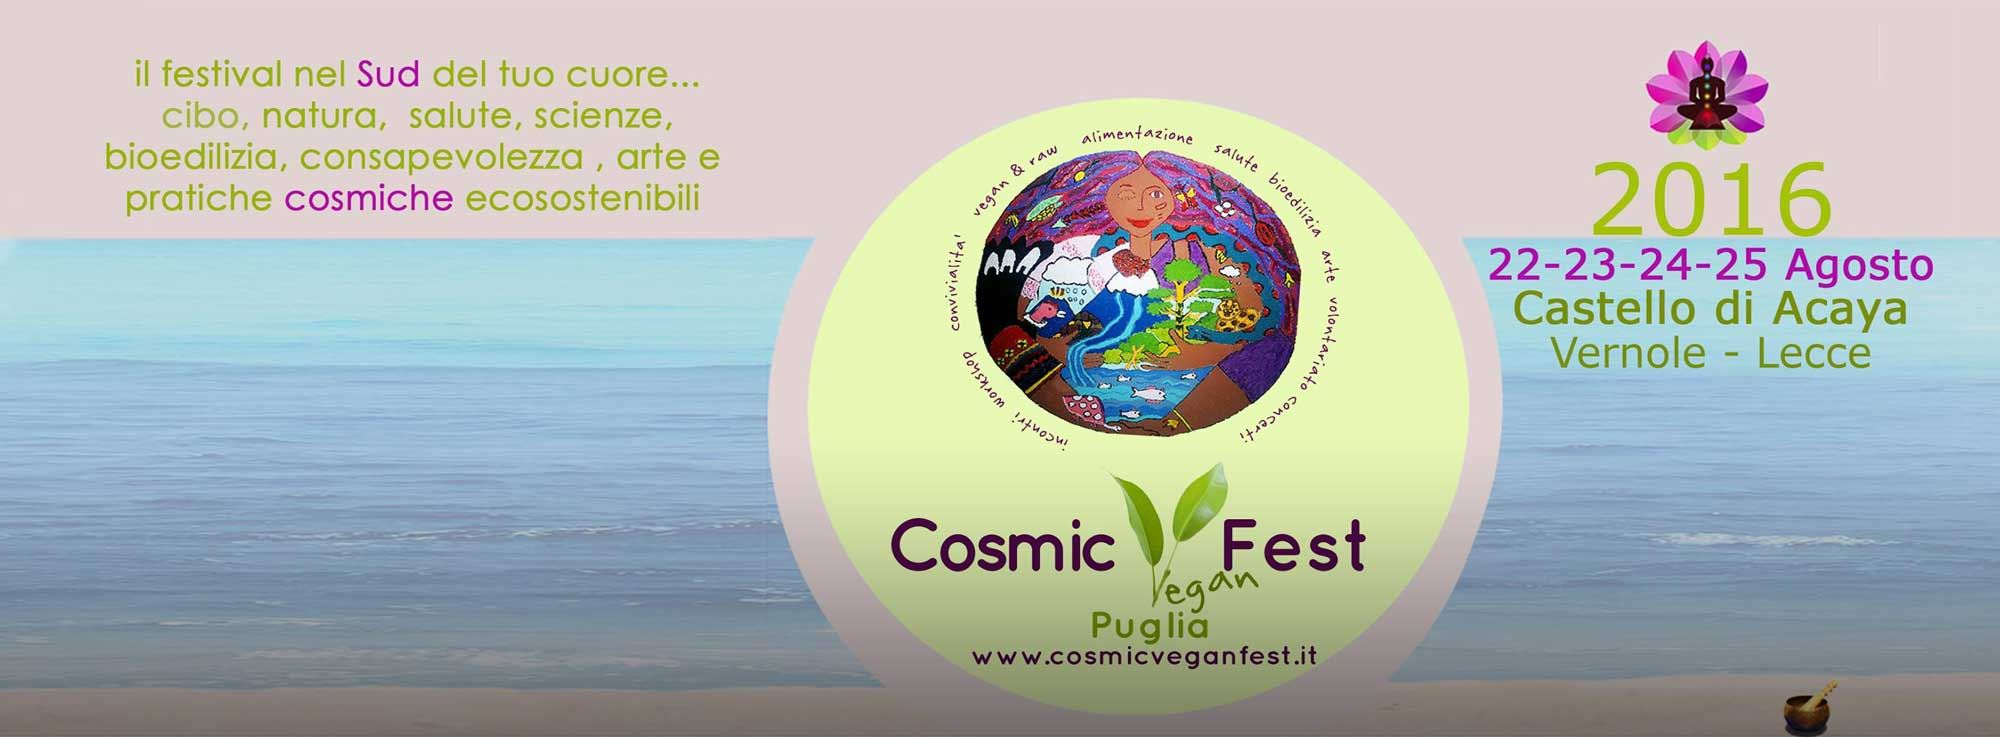 Acaya: Cosmic Vegan Fest